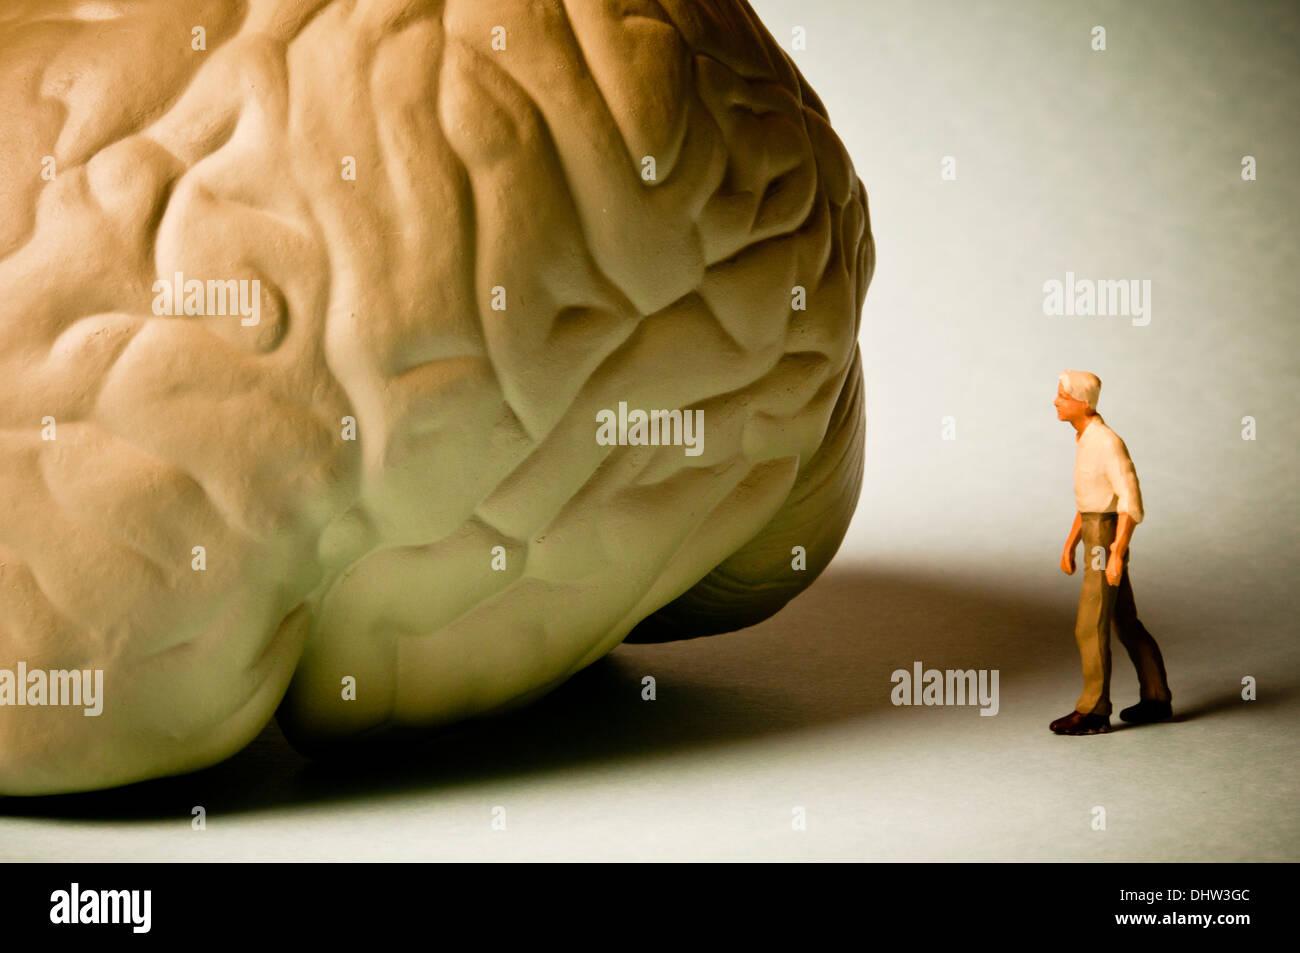 Les maladies d'Alzheimer et de l'esprit concept Photo Stock